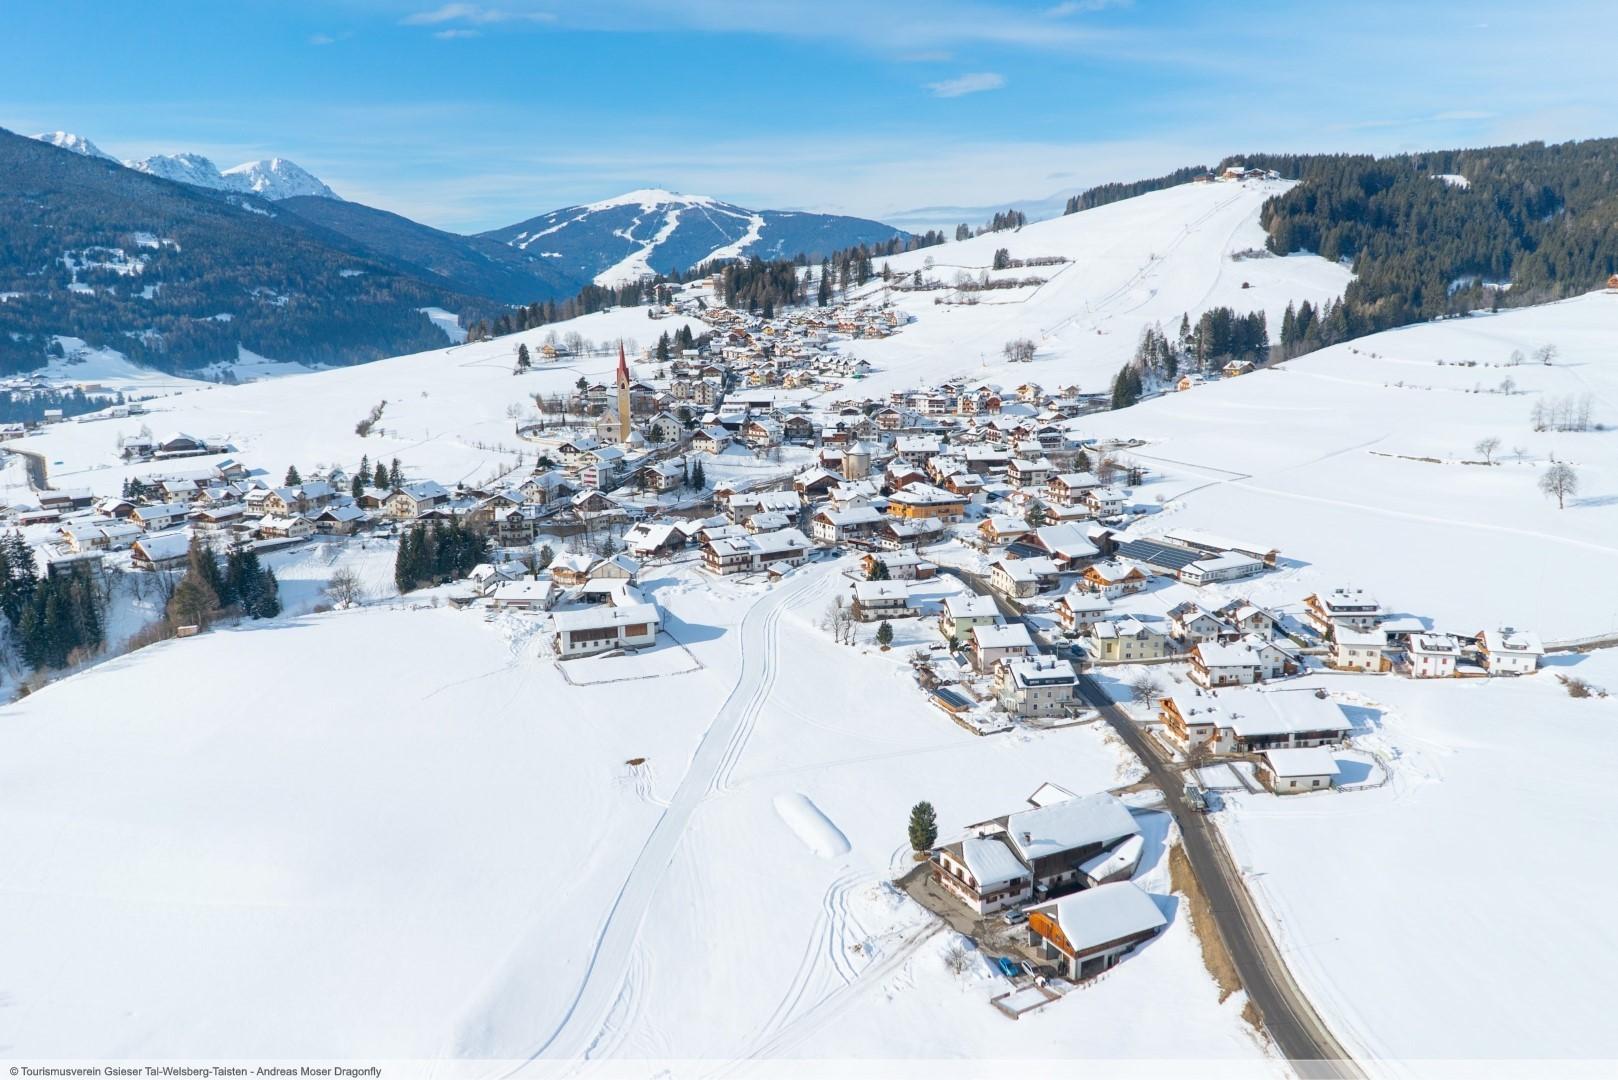 wintersport en aanbiedingen in Welsberg-Taisten